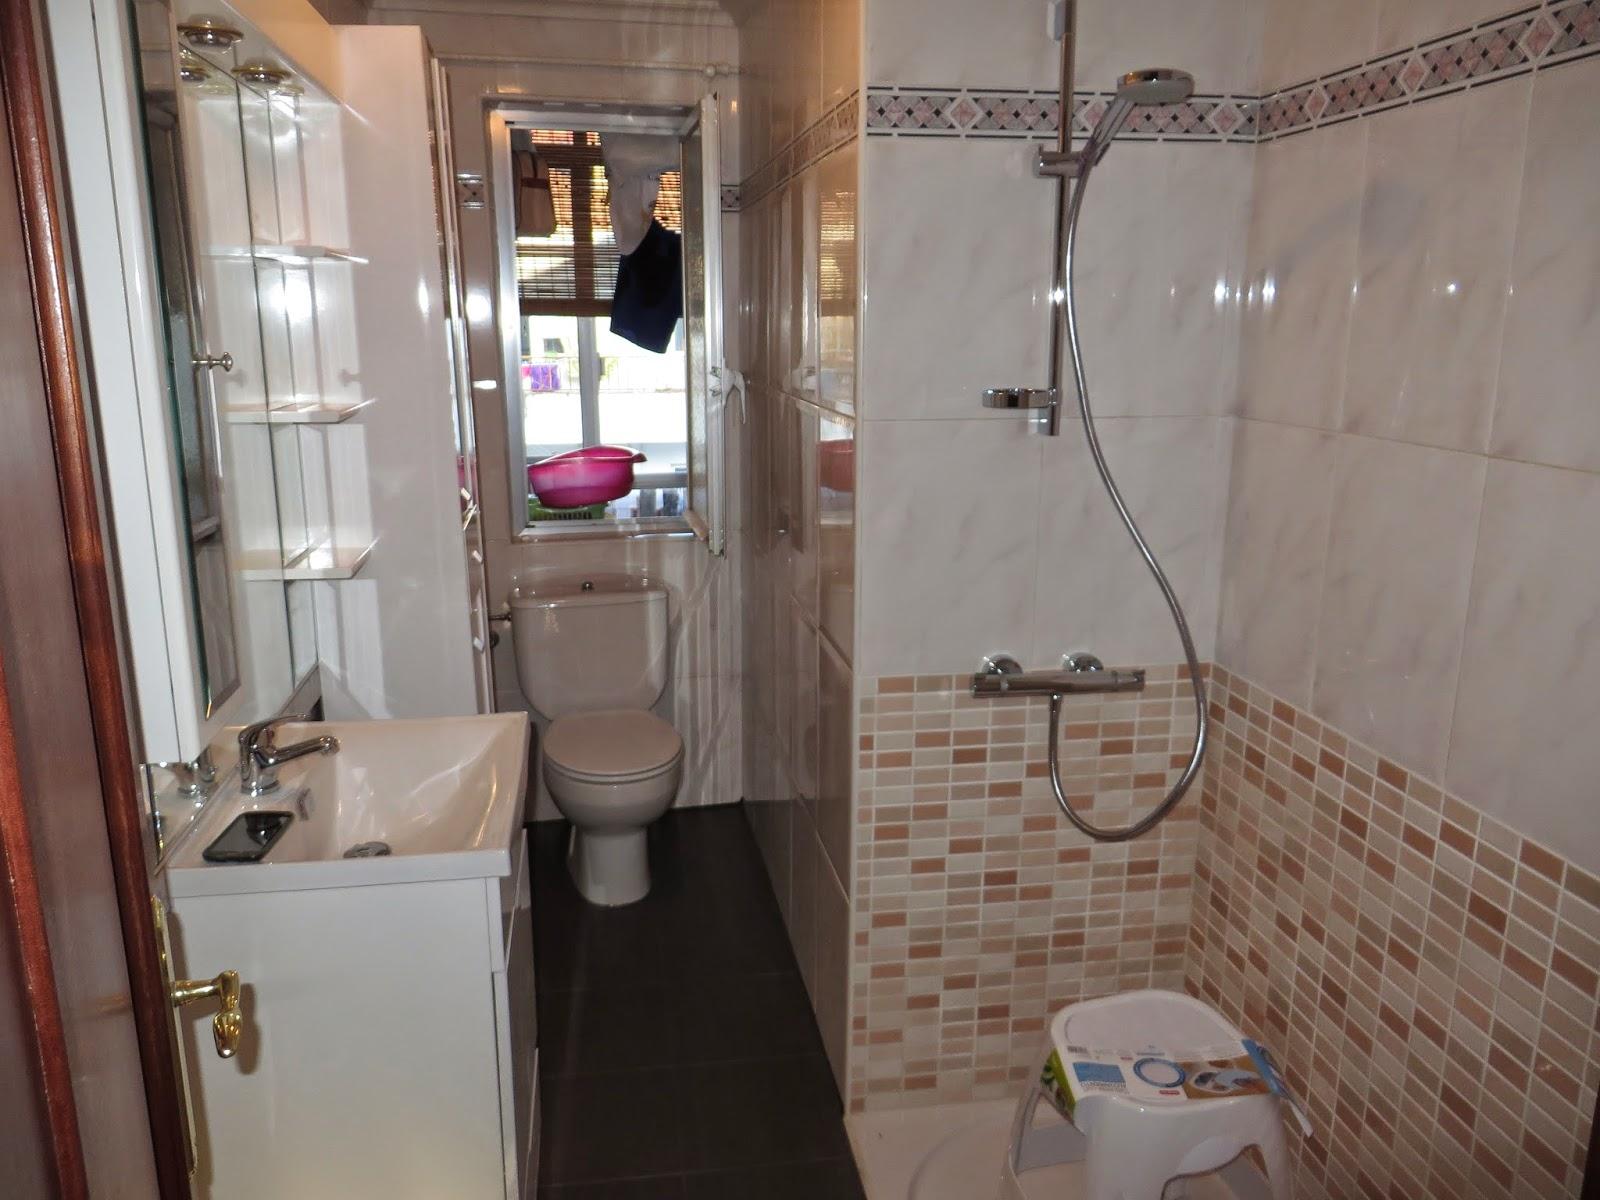 Reformas Villasol: Cuartos de baño, decoración,reformas,baños en ...